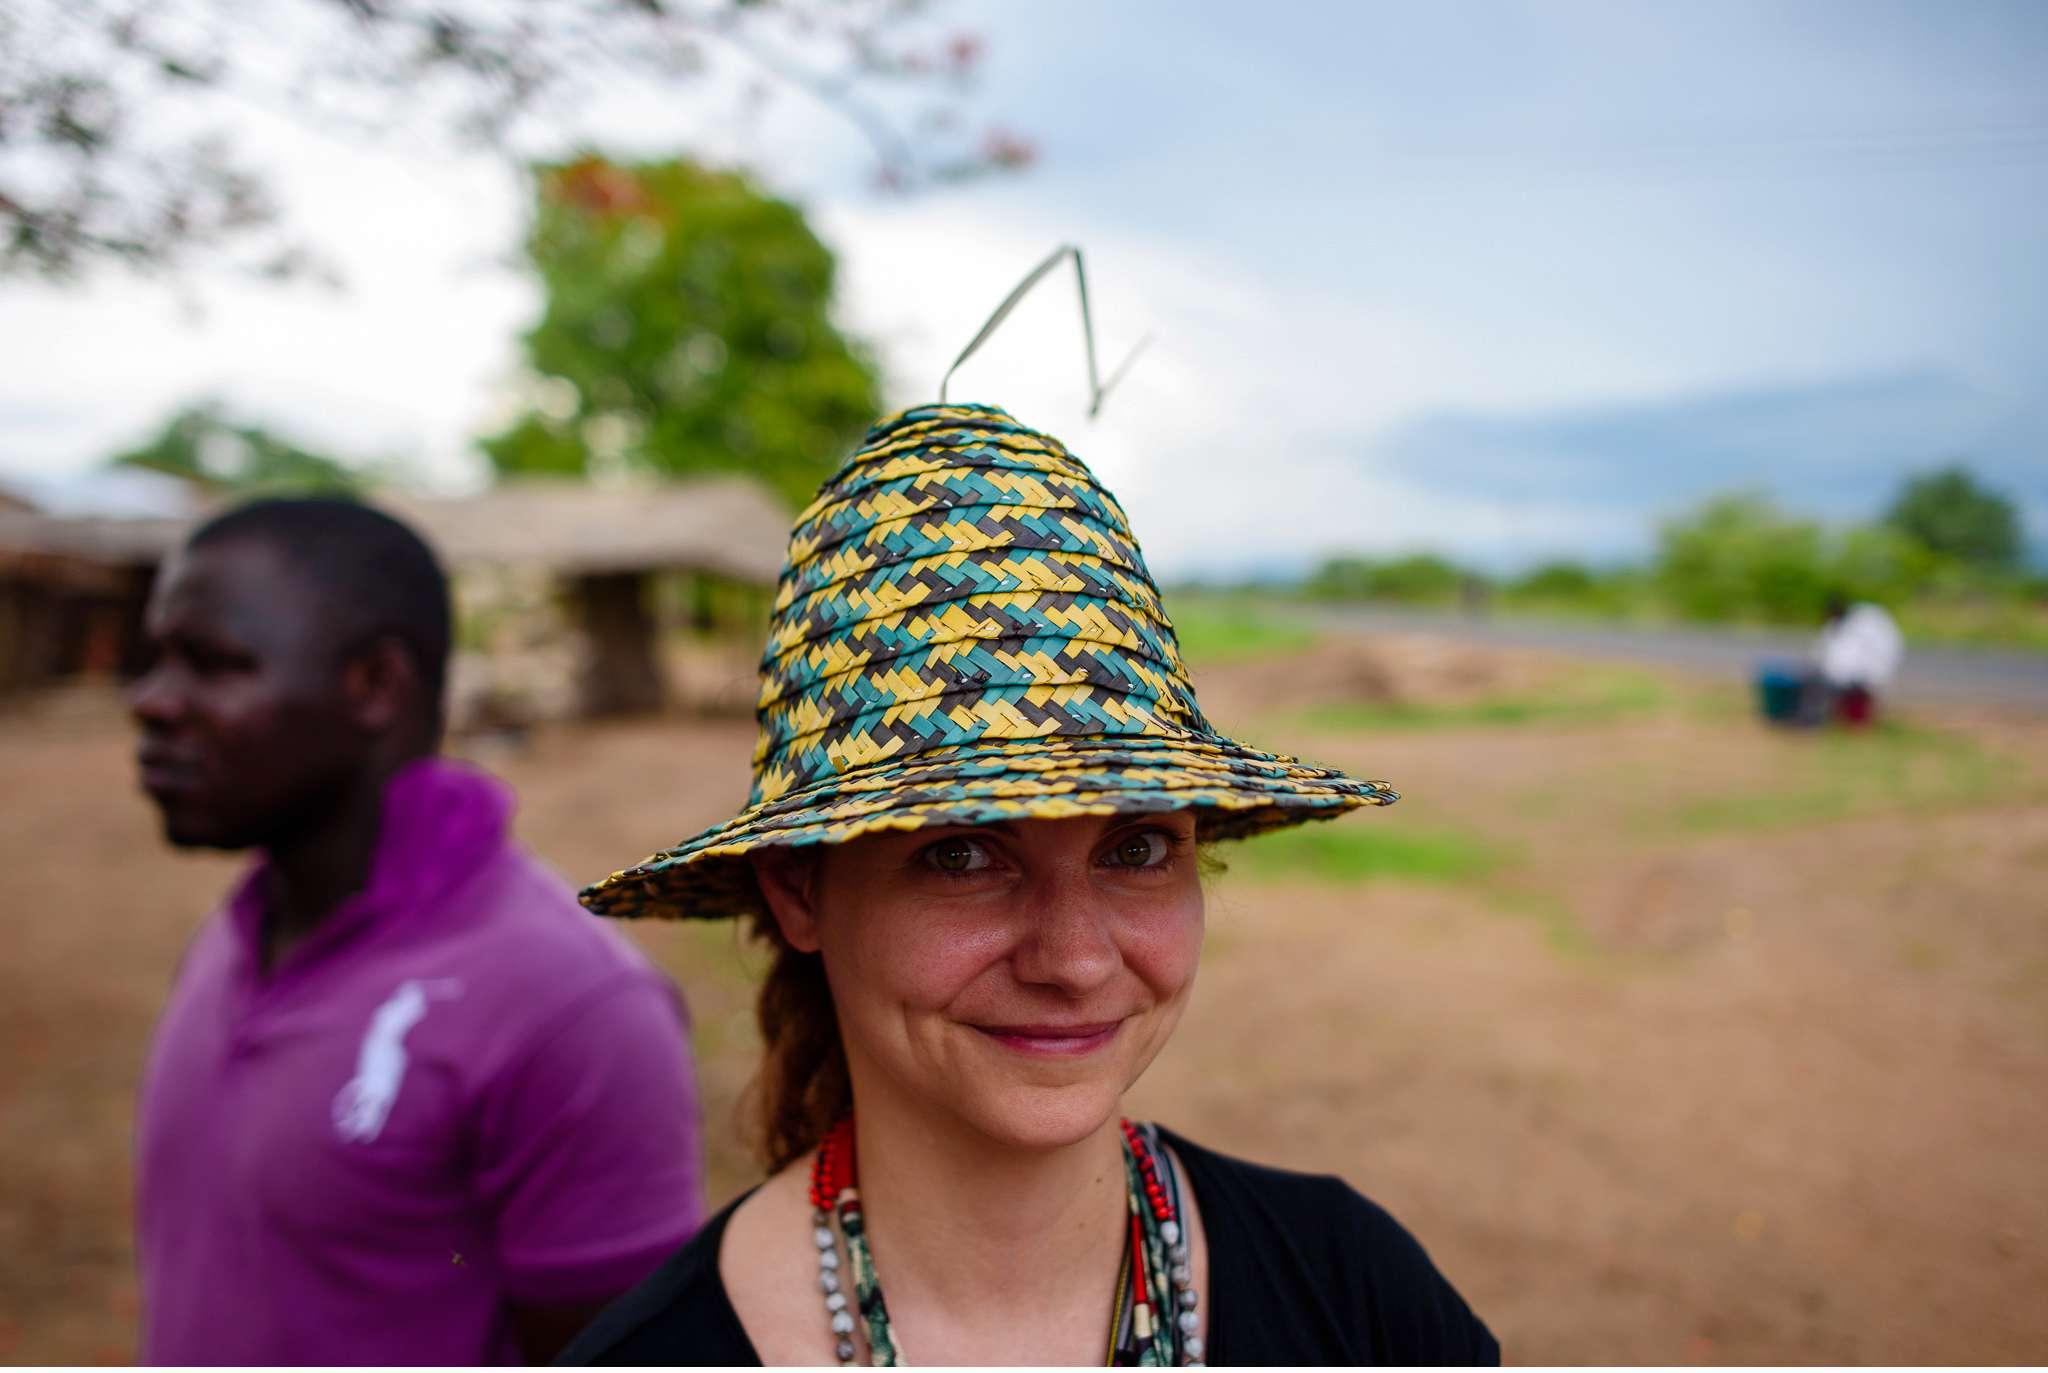 Malawi-Quer durch Afrika- Geschichten von unterwegs by Marion and Daniel-42